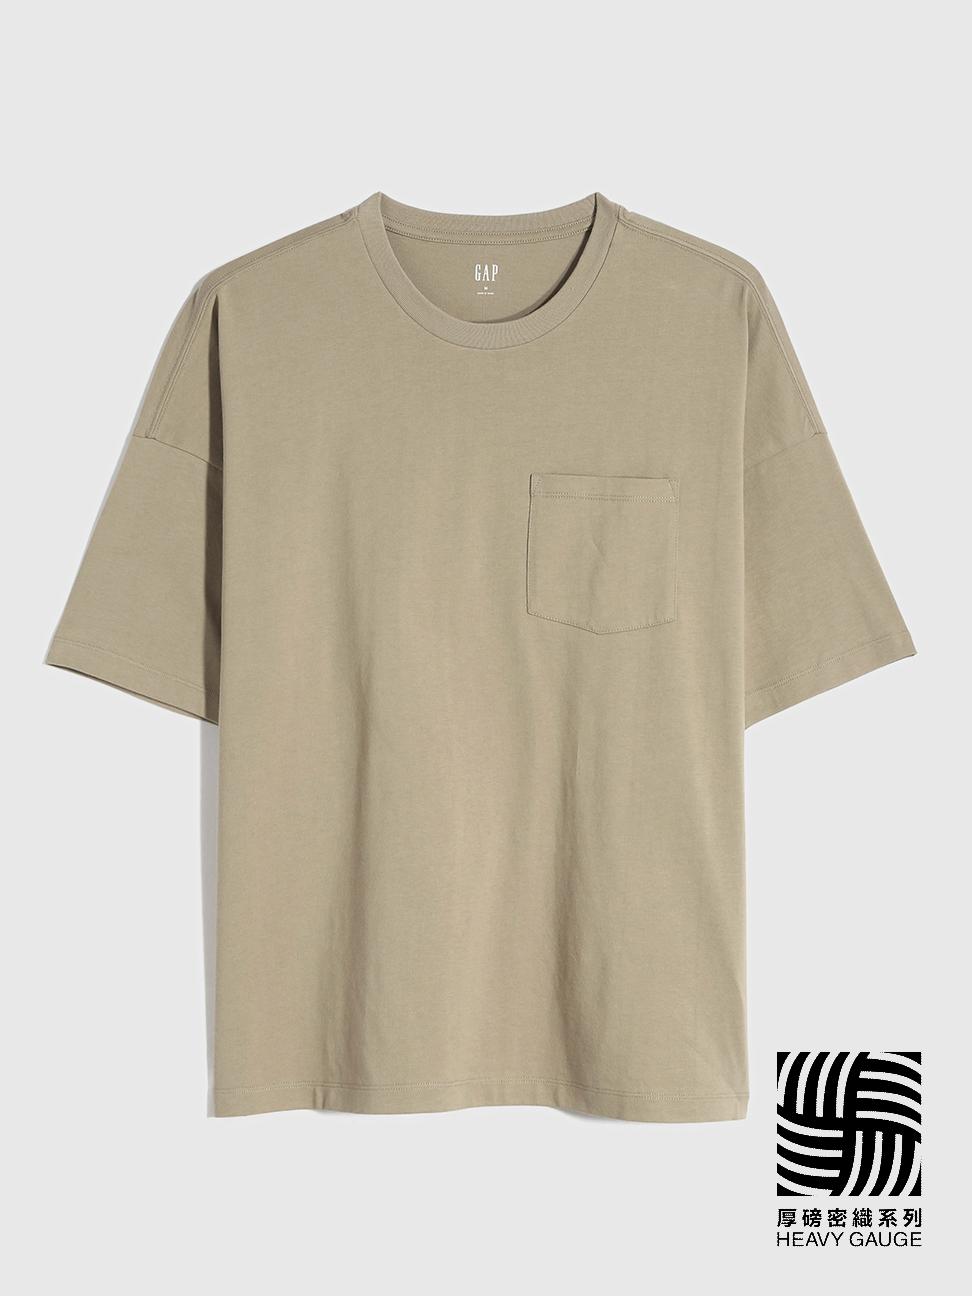 男裝 純棉基本款圓領短袖T恤